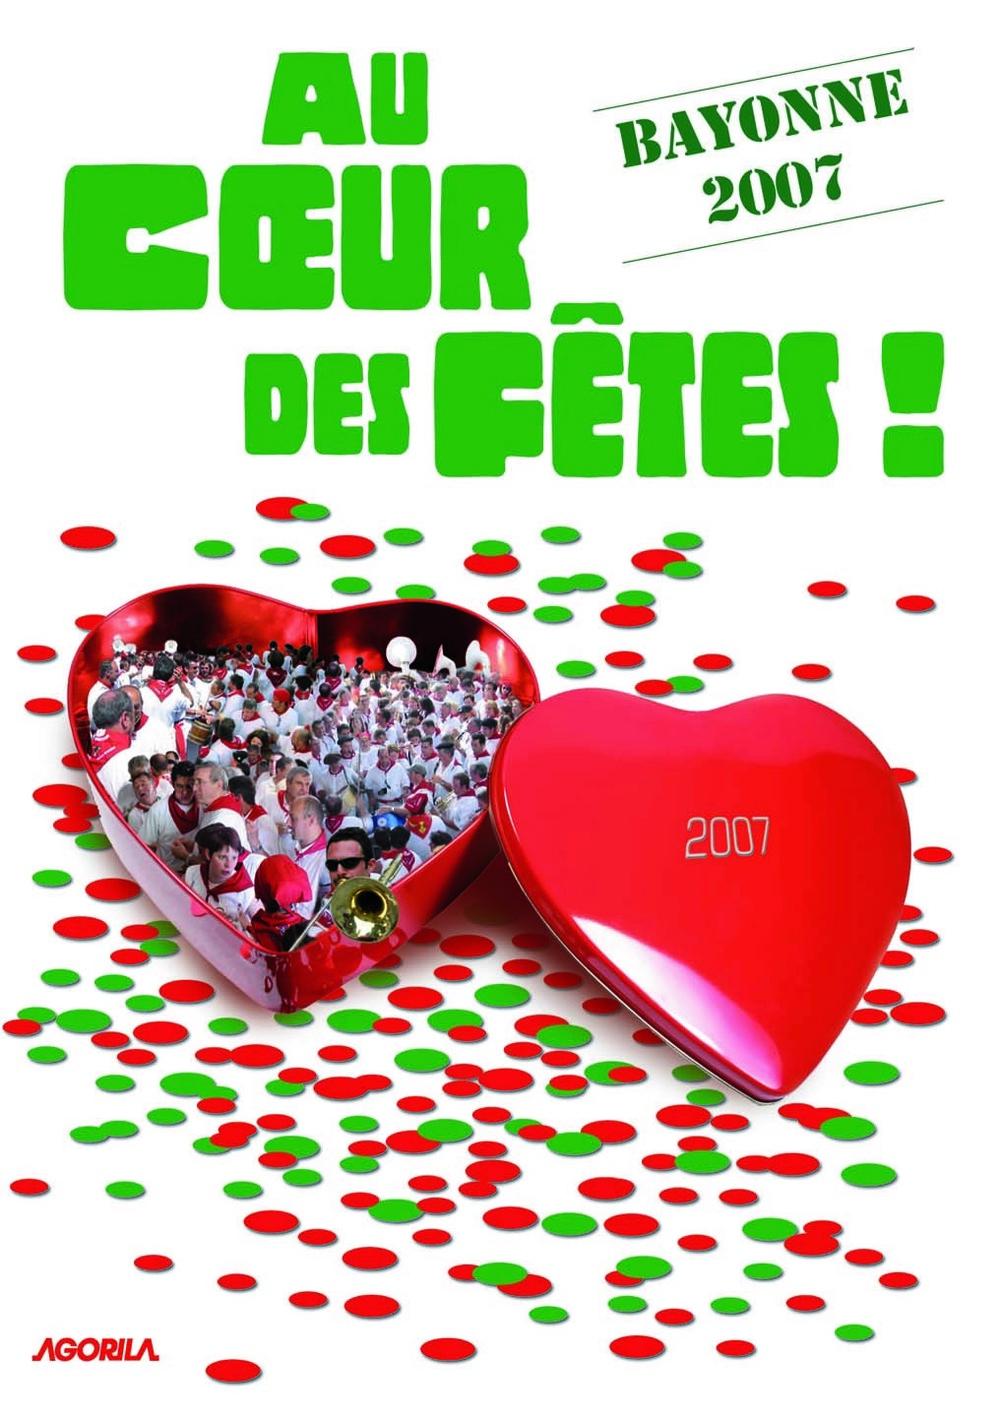 DVD fêtes bAYONNE 07 .jpg